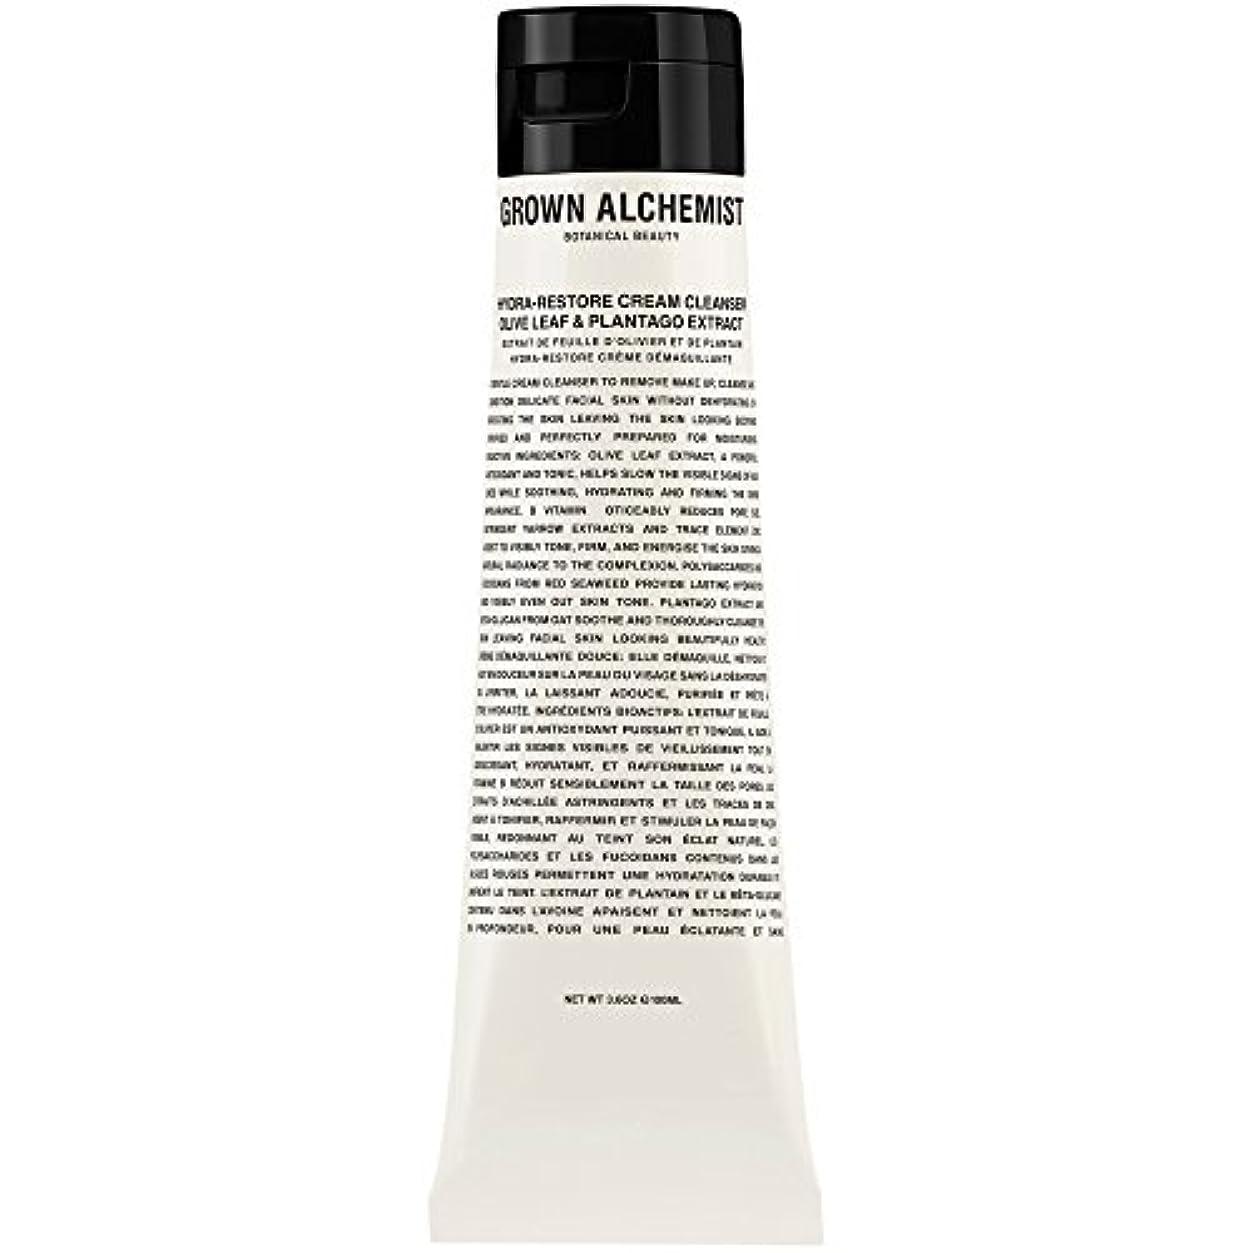 平方準拠リーチオリーブの葉&Plantogoエキス、100ミリリットル:成長した錬金術師クリームクレンザーをヒドラ復元 (Grown Alchemist) (x2) - Grown Alchemist Hydra-Restore Cream...